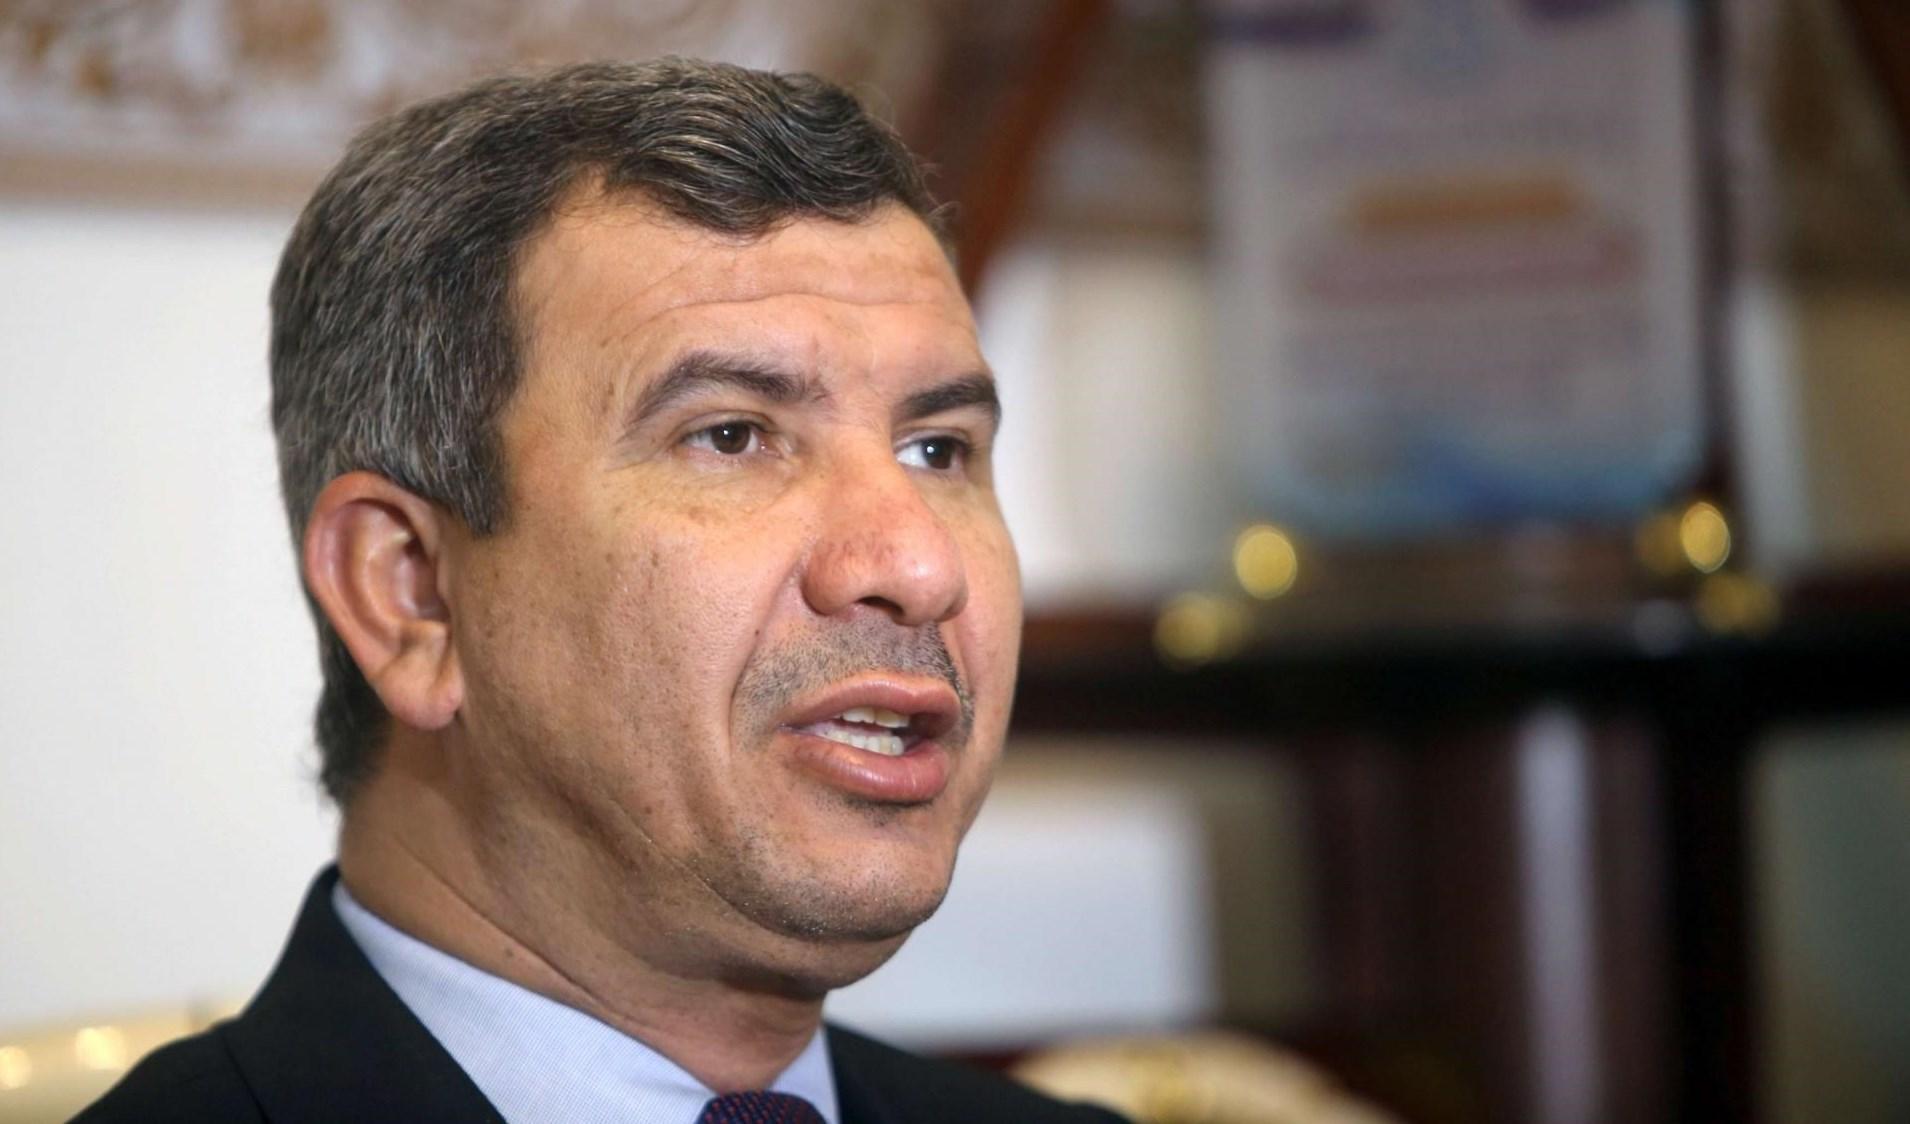 Iraqi Oil Minister Ihsan Abdul-Jabbar